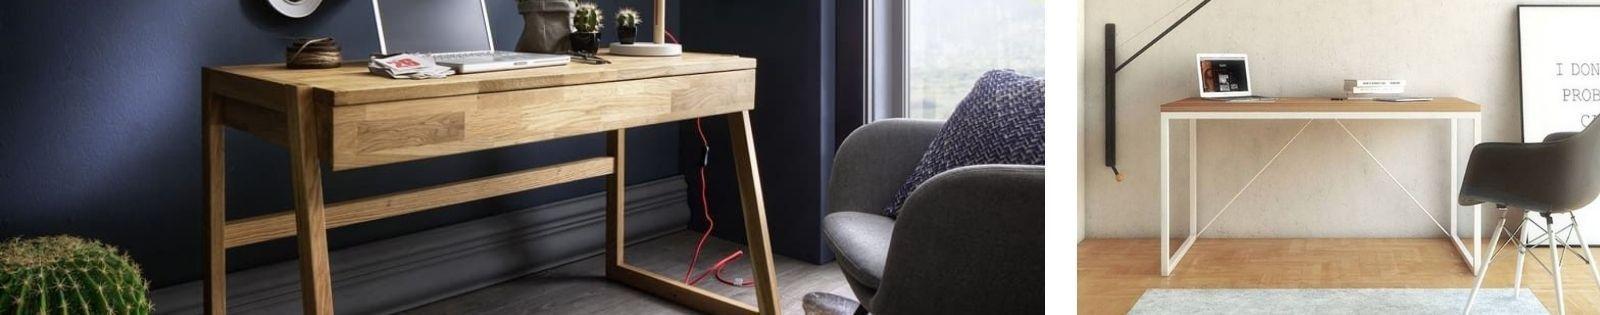 Bureaux : meubles de qualité. Haut de gamme. Le Monde du Lit